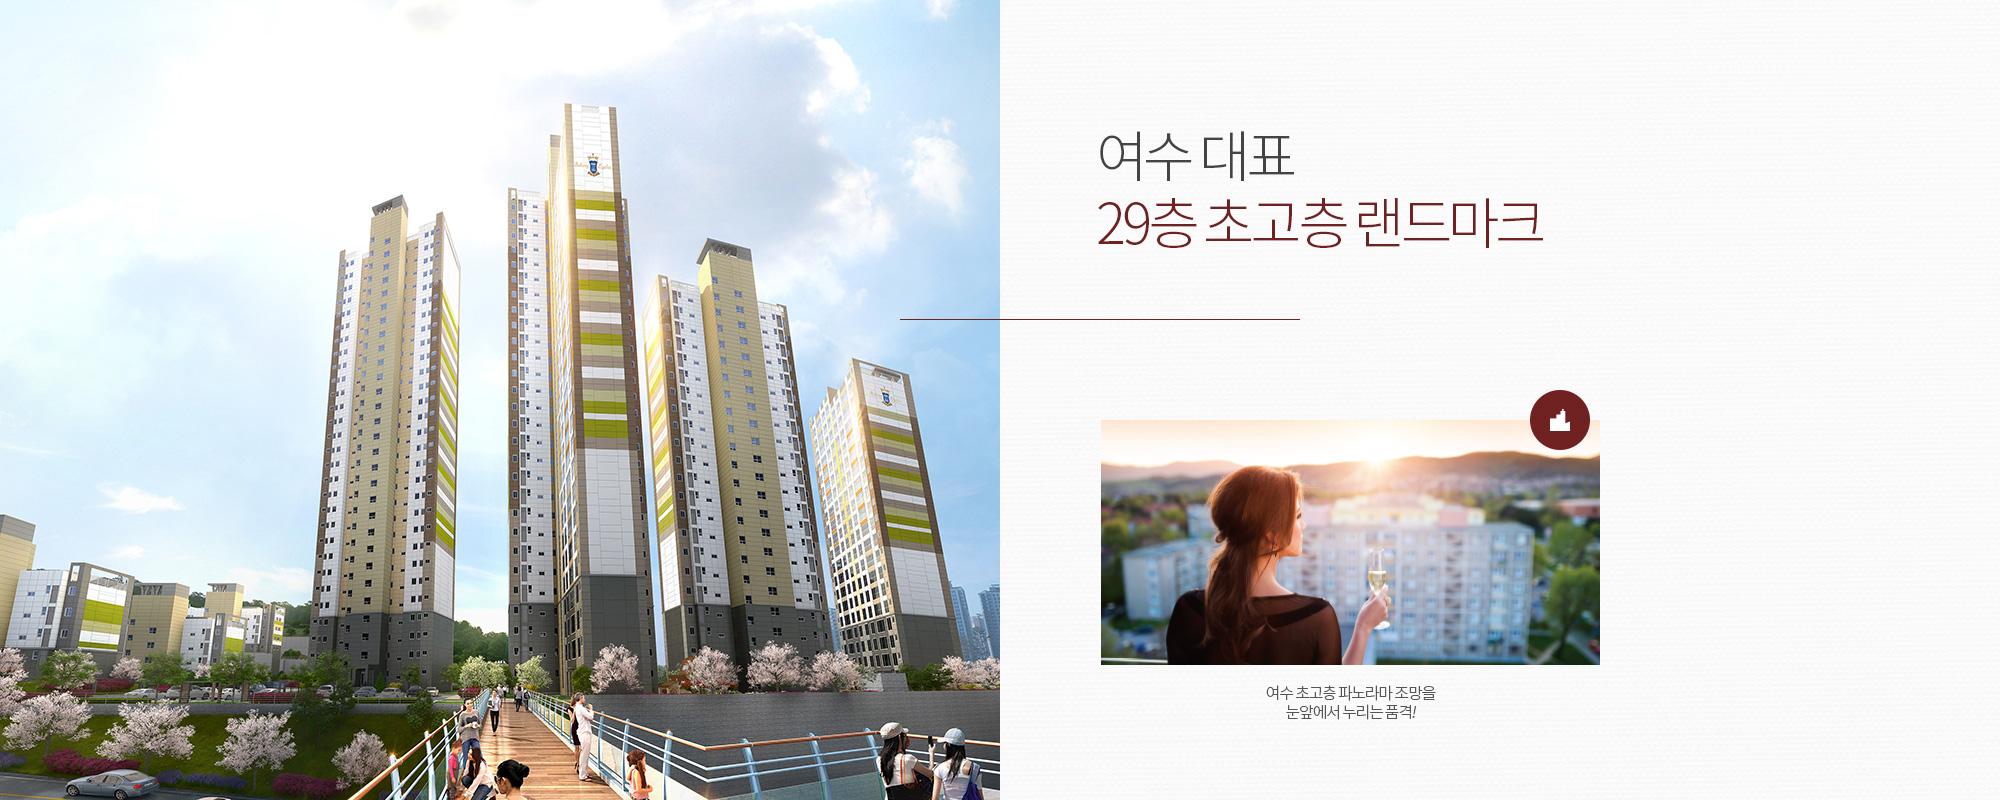 여수 대표 29층 초고층 랜드마크